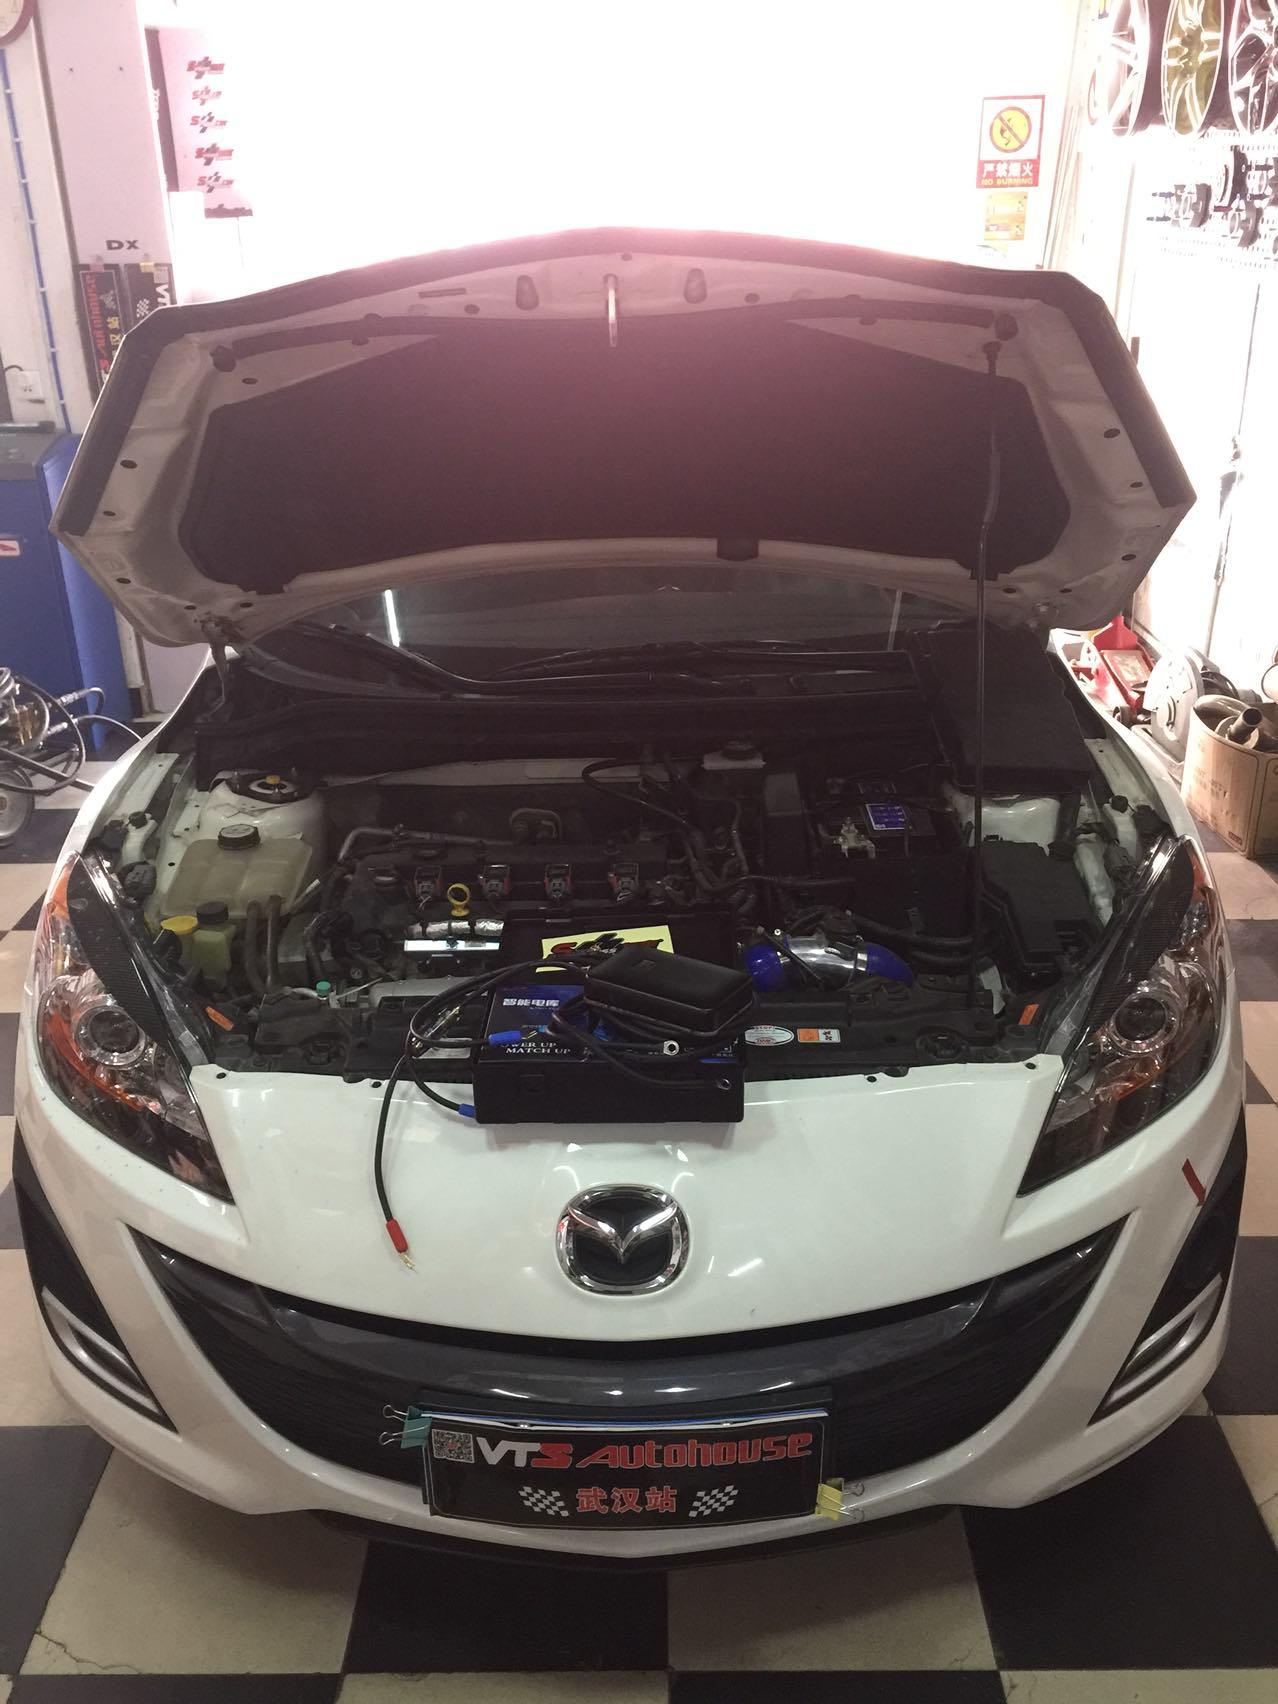 Mazda3 2.0自吸引擎加装力爽智能电库!